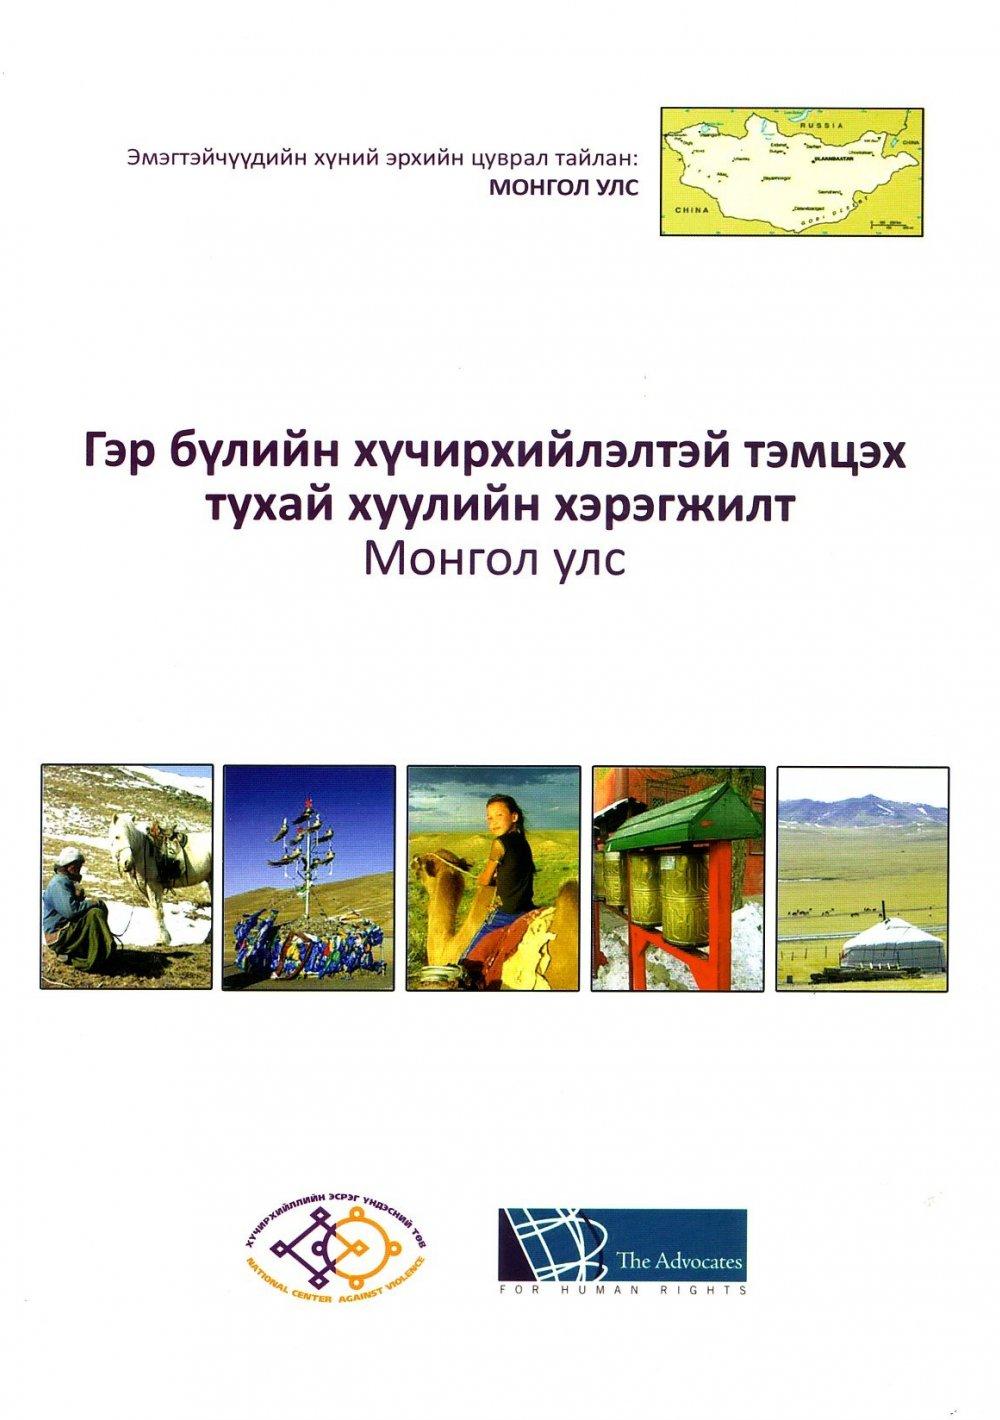 Гэр бүлийн хүчирхийлэлтэй тэмцэх тухай хуулийн хэрэгжилт -Монгол улс